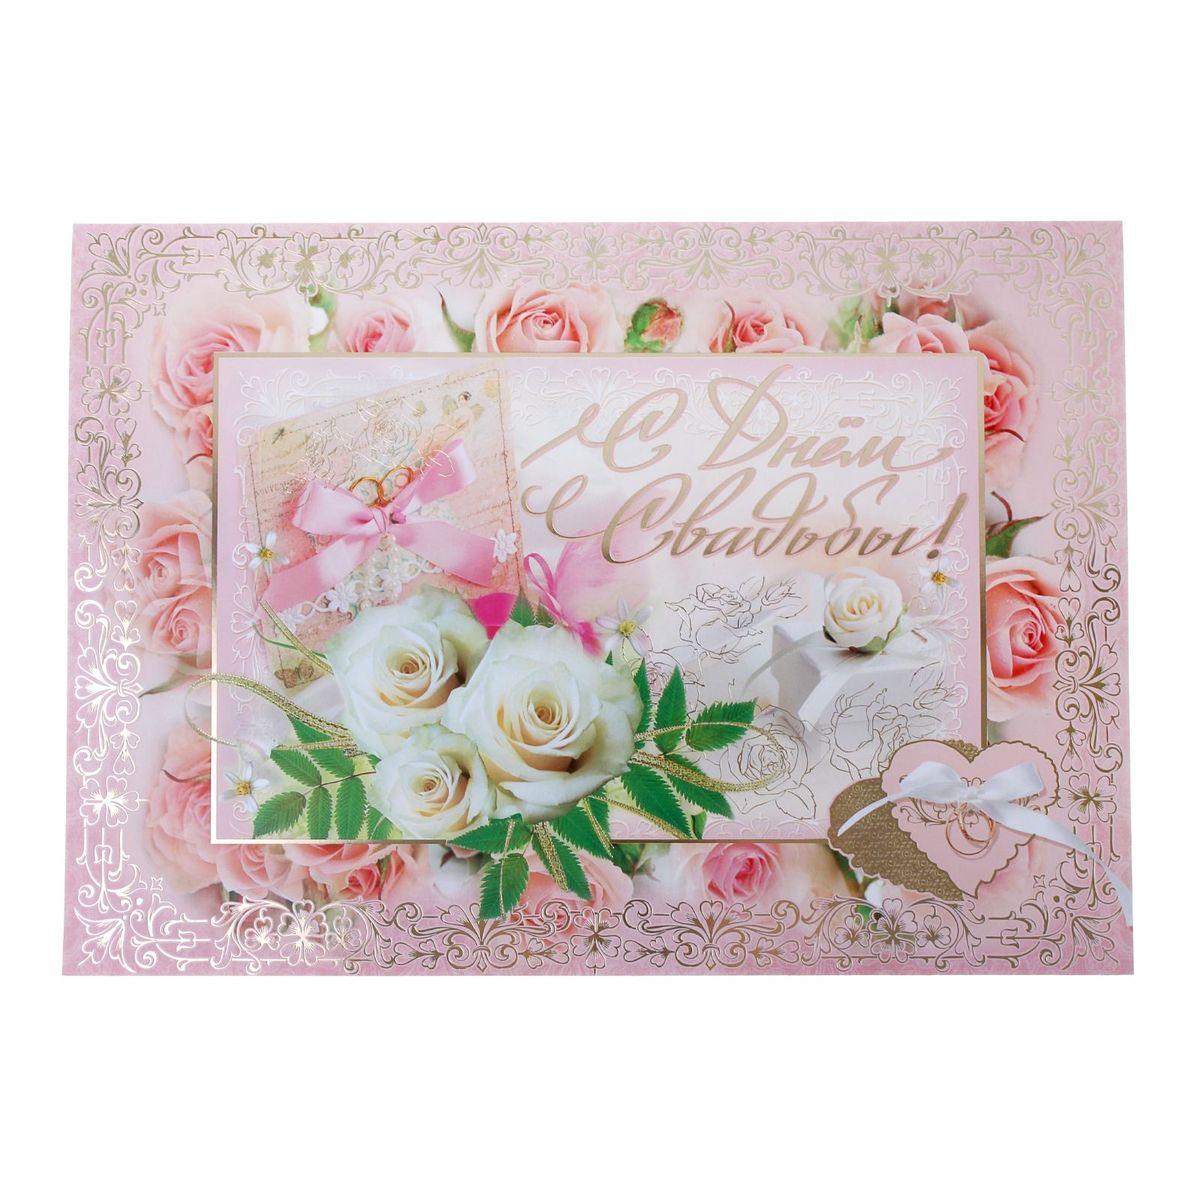 Открытка Русский дизайн С Днем Свадьбы! Белые розы, А5. 515578515578Если вы хотите порадовать себя или близких, создать праздничное настроение и с улыбкой провести памятный день, то вы, несомненно, сделали правильный выбор! Открытка Русский дизайн С Днем Свадьбы! Белые розы, выполненная из картона, отличается не только оригинальным дизайном, но и высоким качеством.Формат: А5.